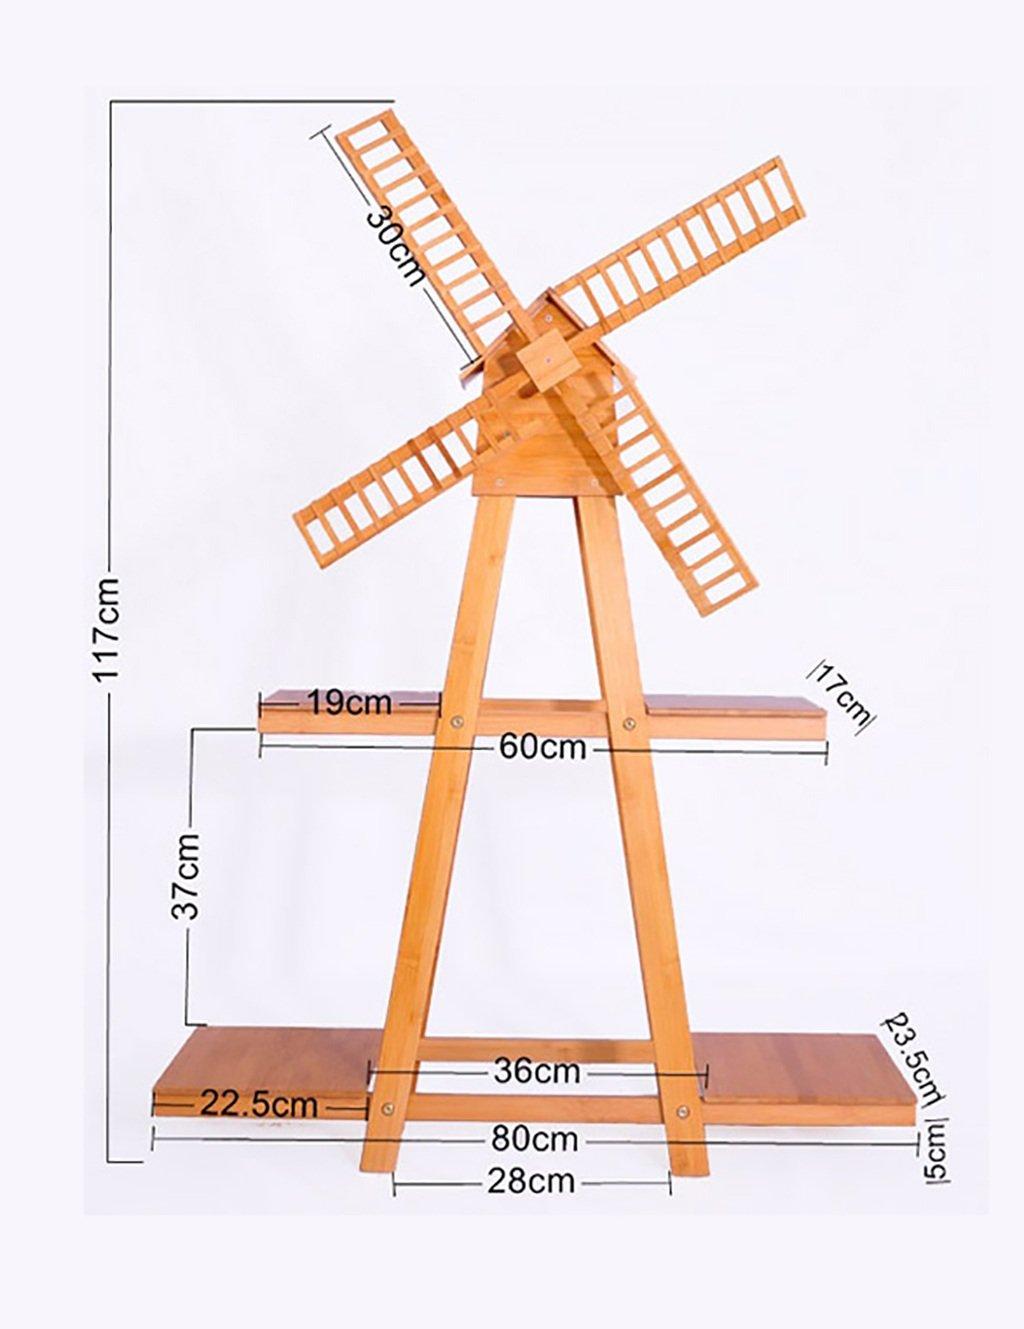 CHAOXIANG フラワーポットシェルフウッドフロアタイプ風車フラワーシェルフヨーロッパスタイルシンプルな屋内屋外シェルフ (色 : A) B07F1CKGZN A A